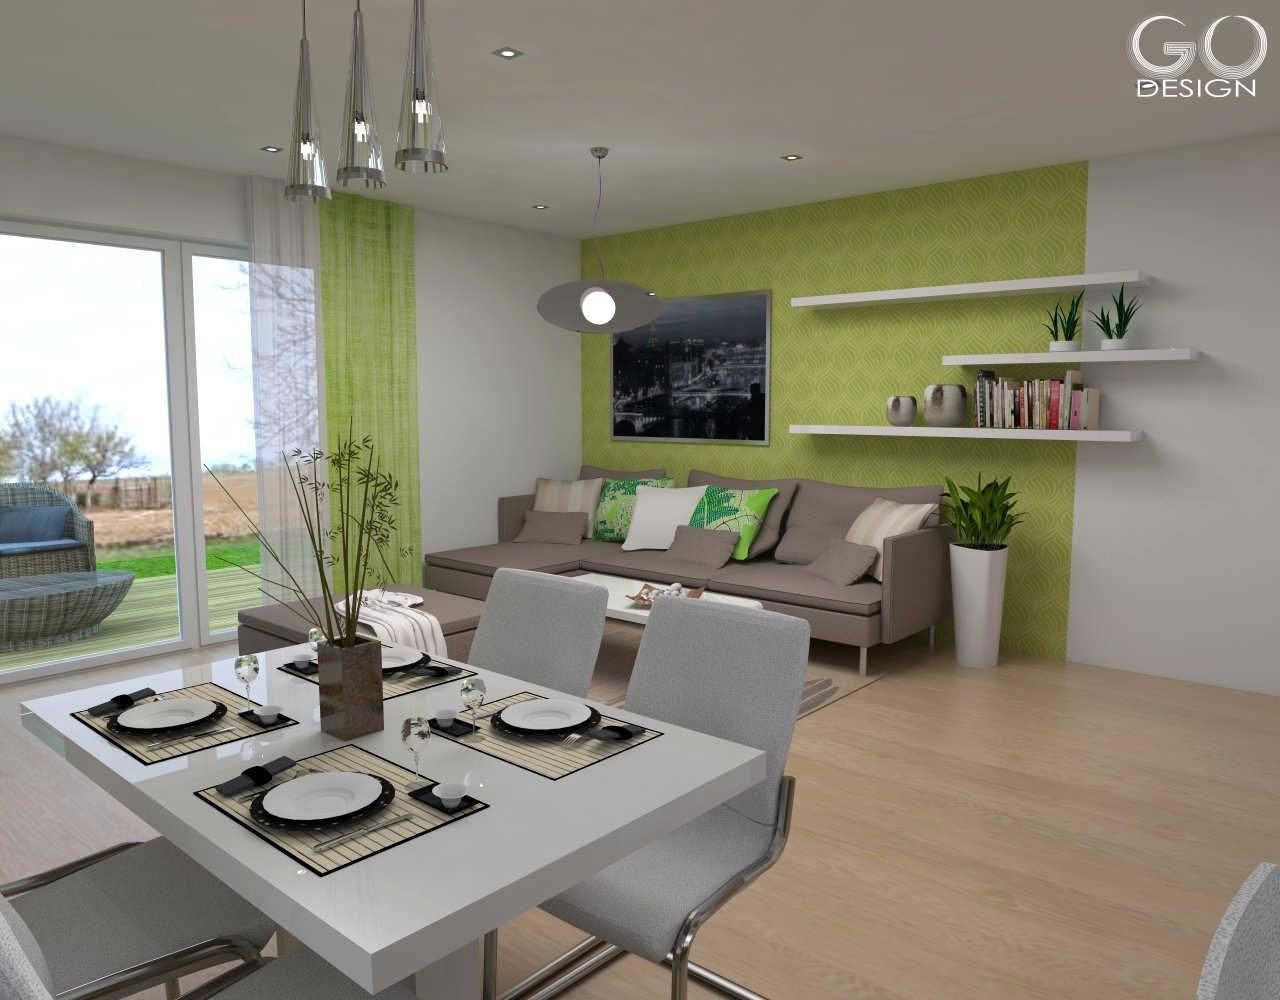 Rodinný domček so sviežim interiérom pre mladý pár - Viničné - Ktorý variant steny sa páči vám?  Variant C